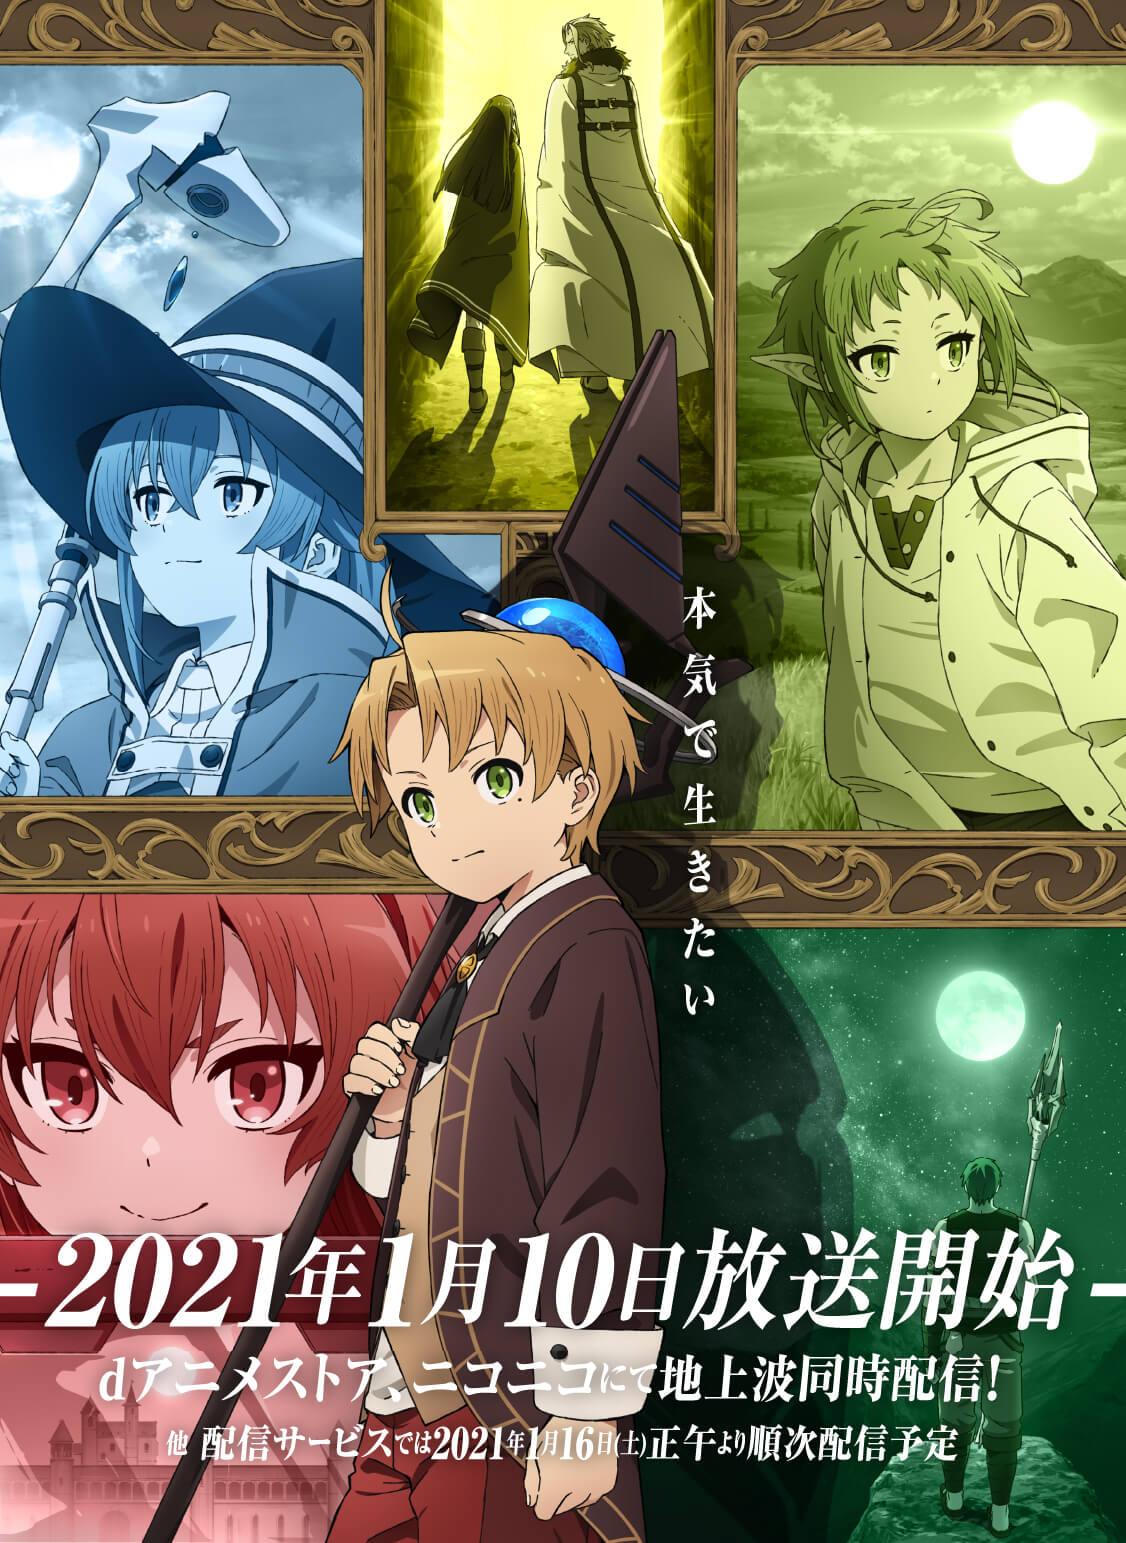 f:id:otaku4160:20210113194412j:plain